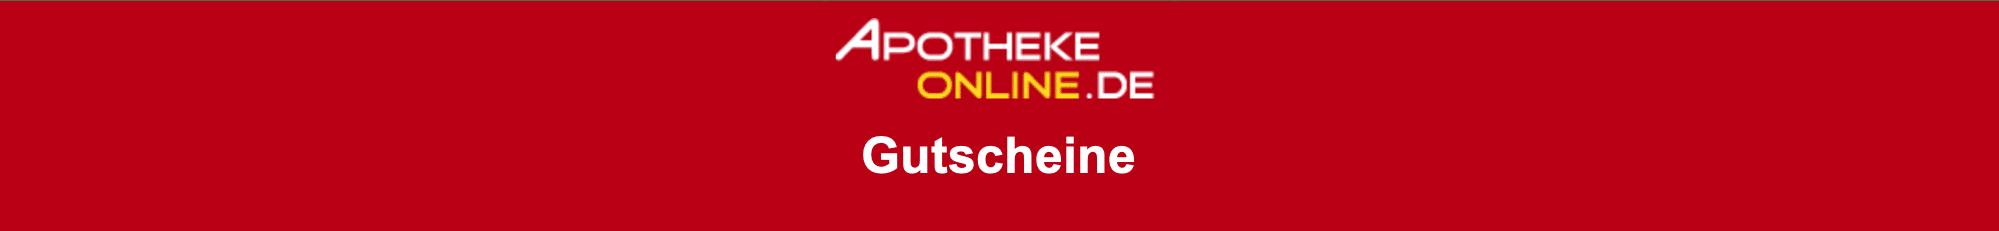 Gutschein Apotheke Online